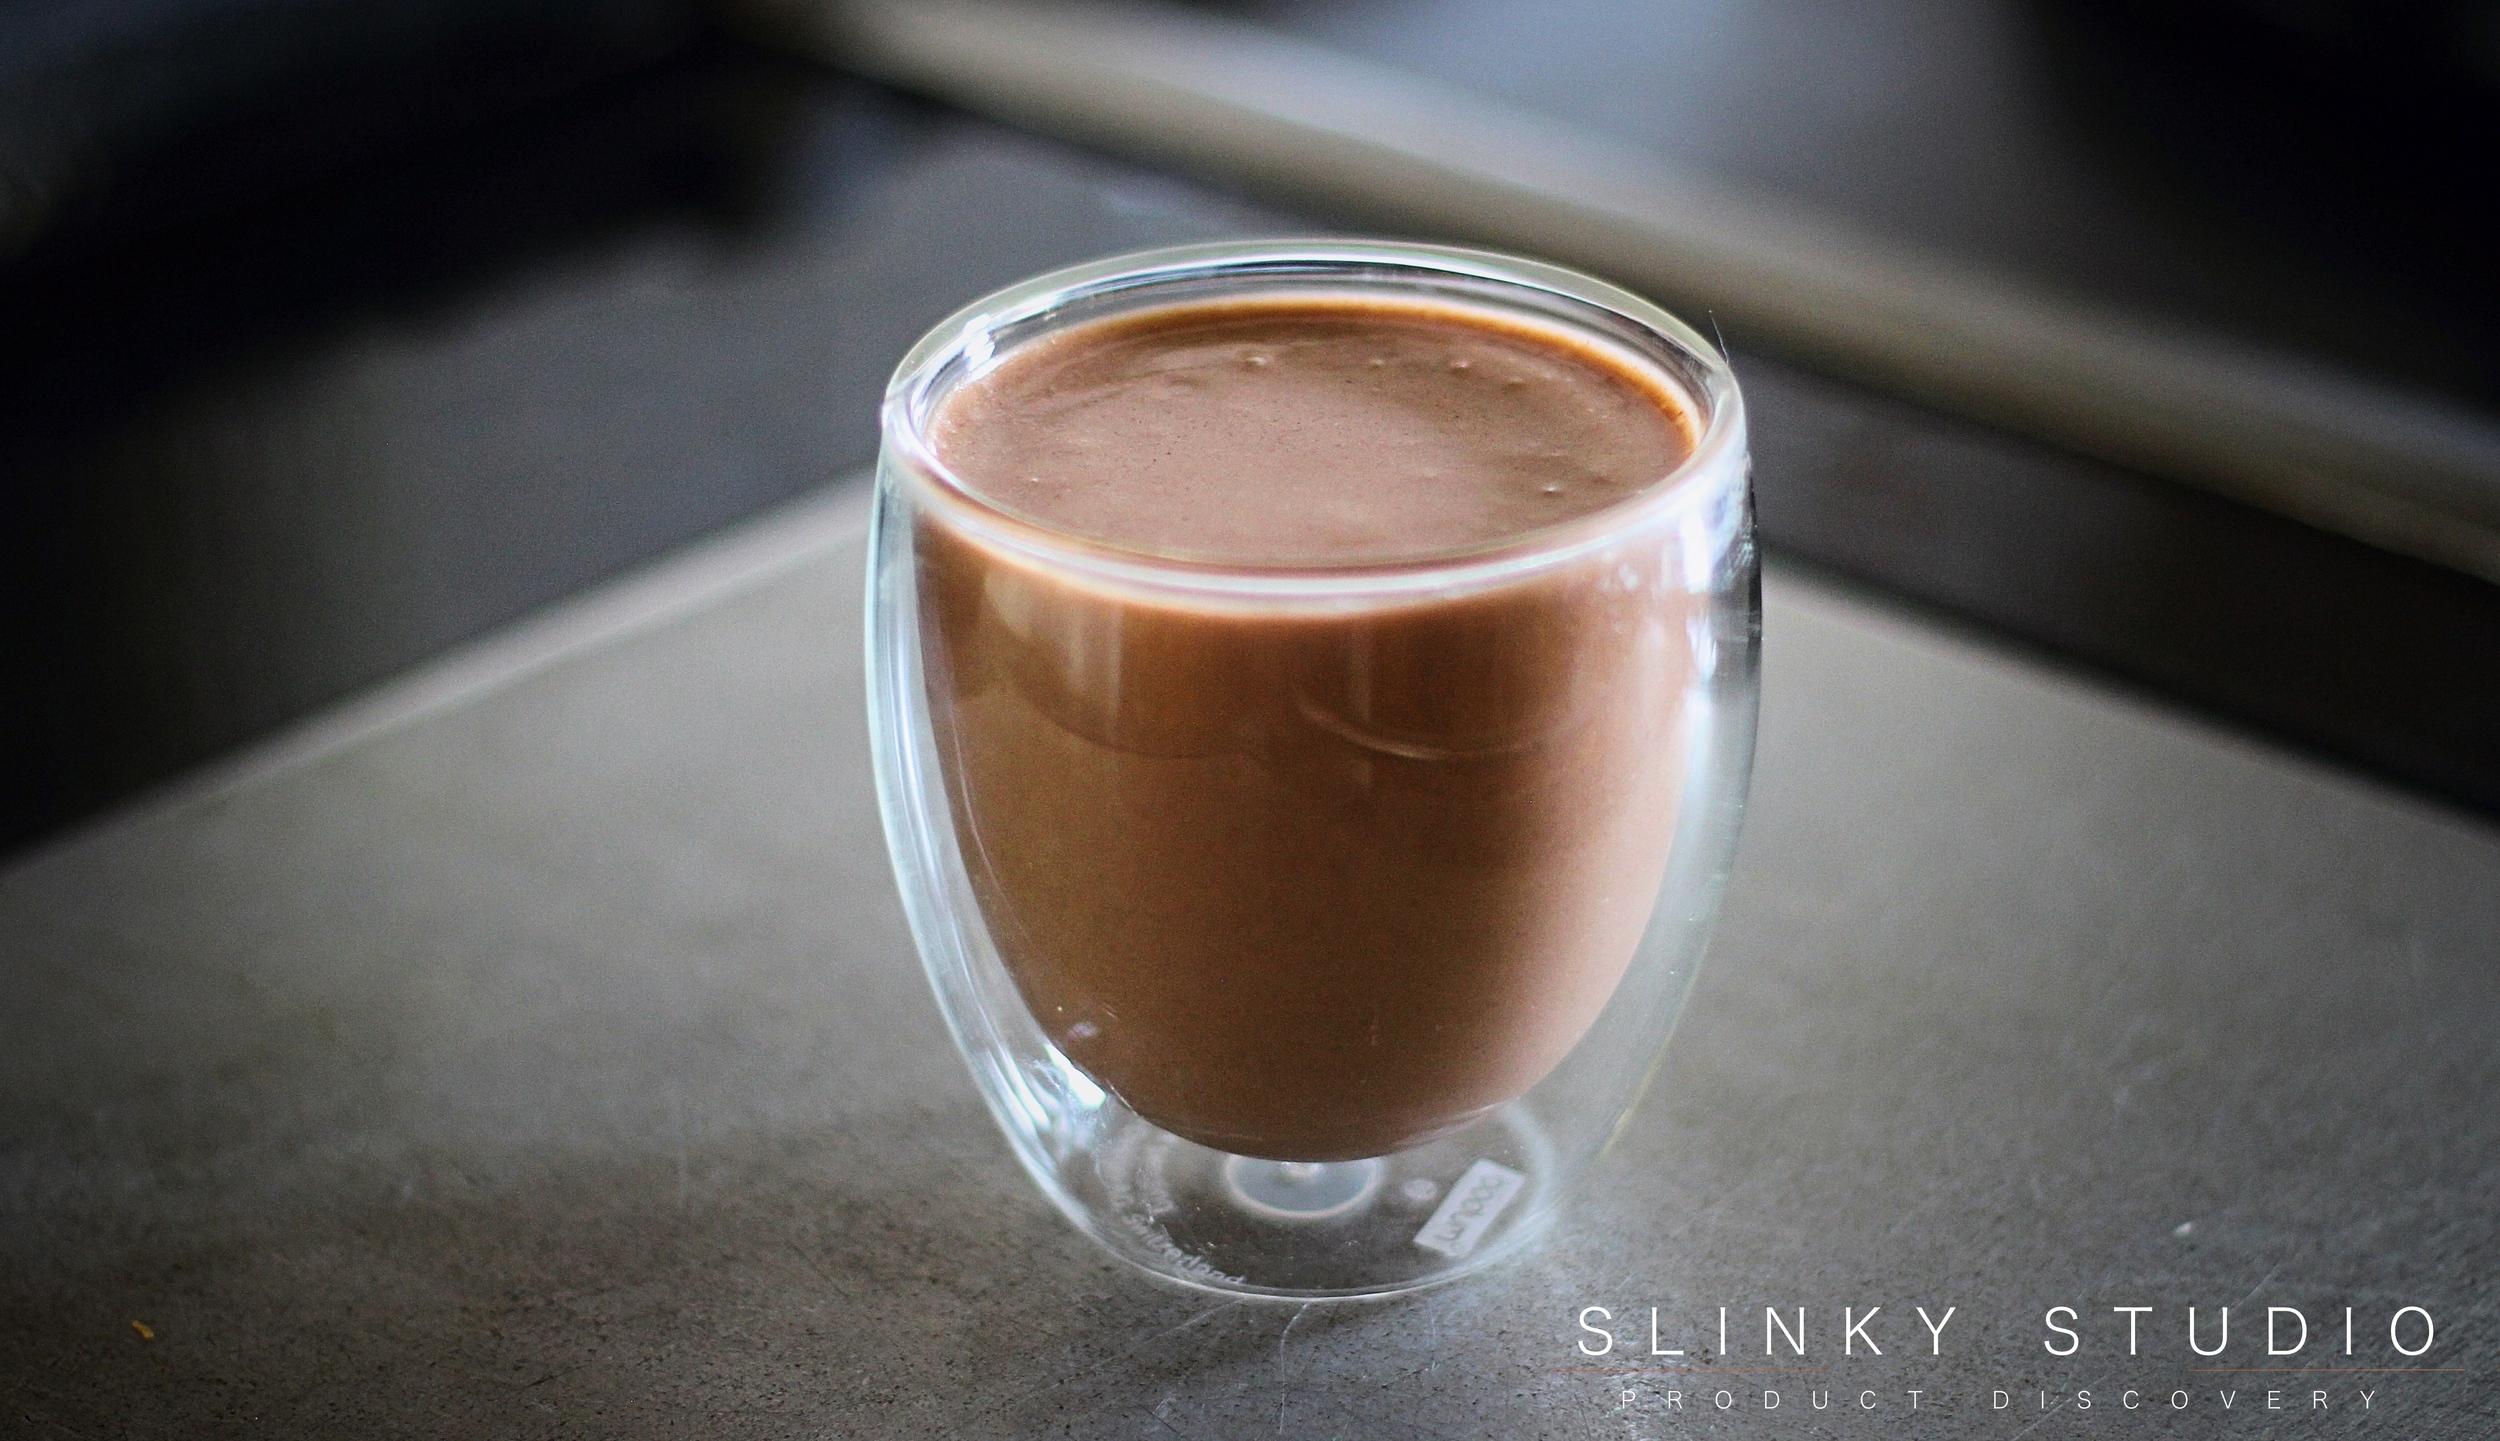 Nutribullet PRO 900 Series Blender Vegan Chocolate Nut & Seed Shake.jpg